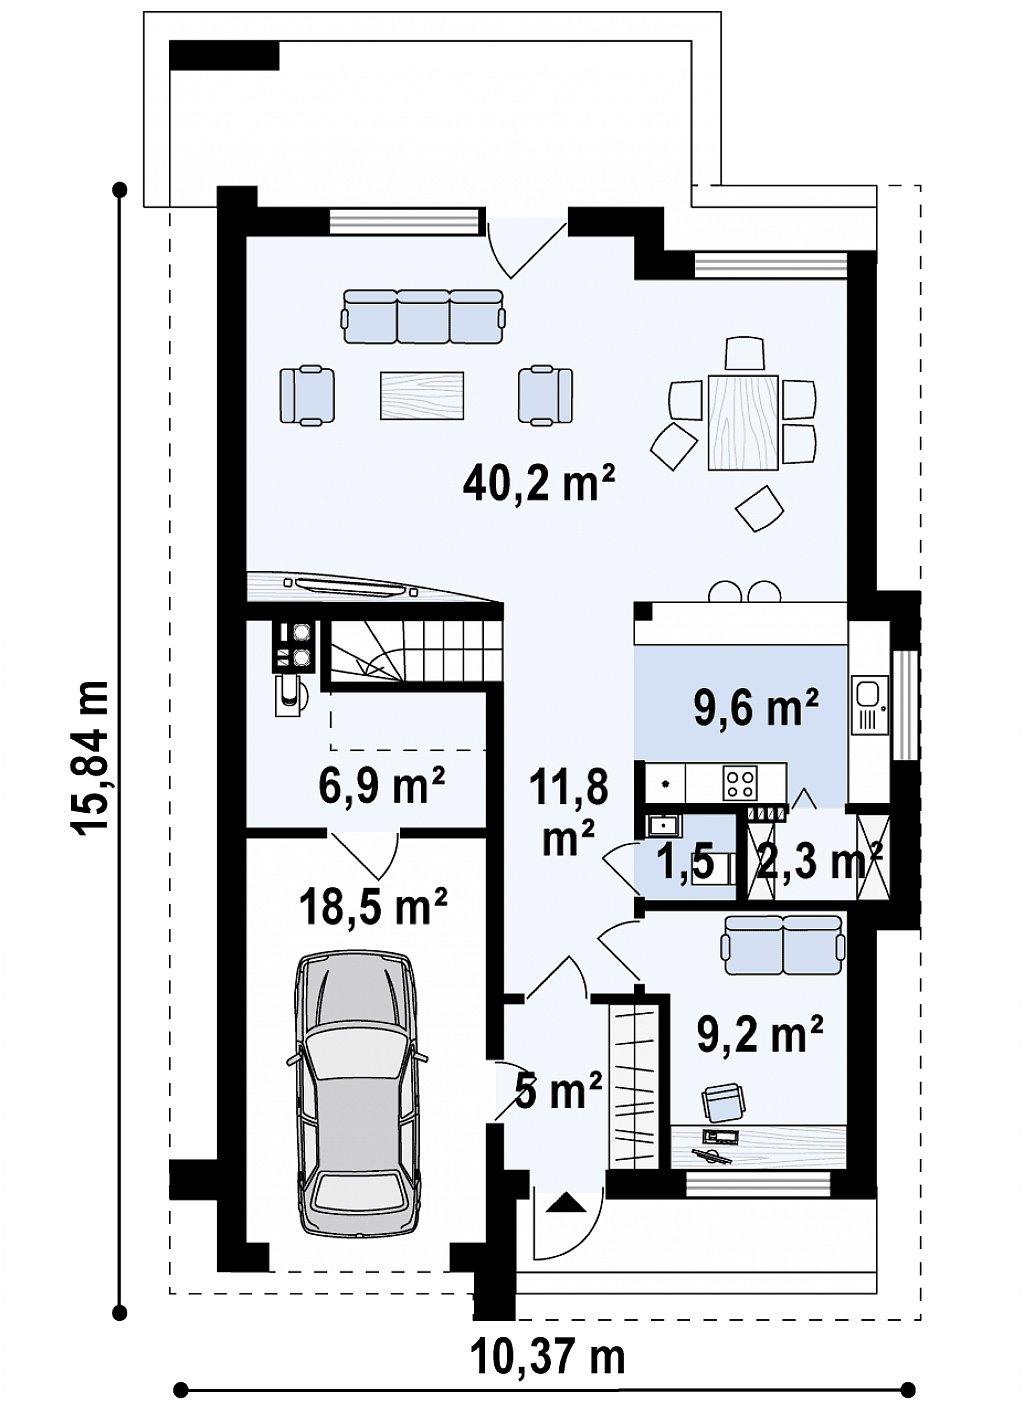 Проект классического мансардного дома с монохромным дизайном экстерьера план помещений 1